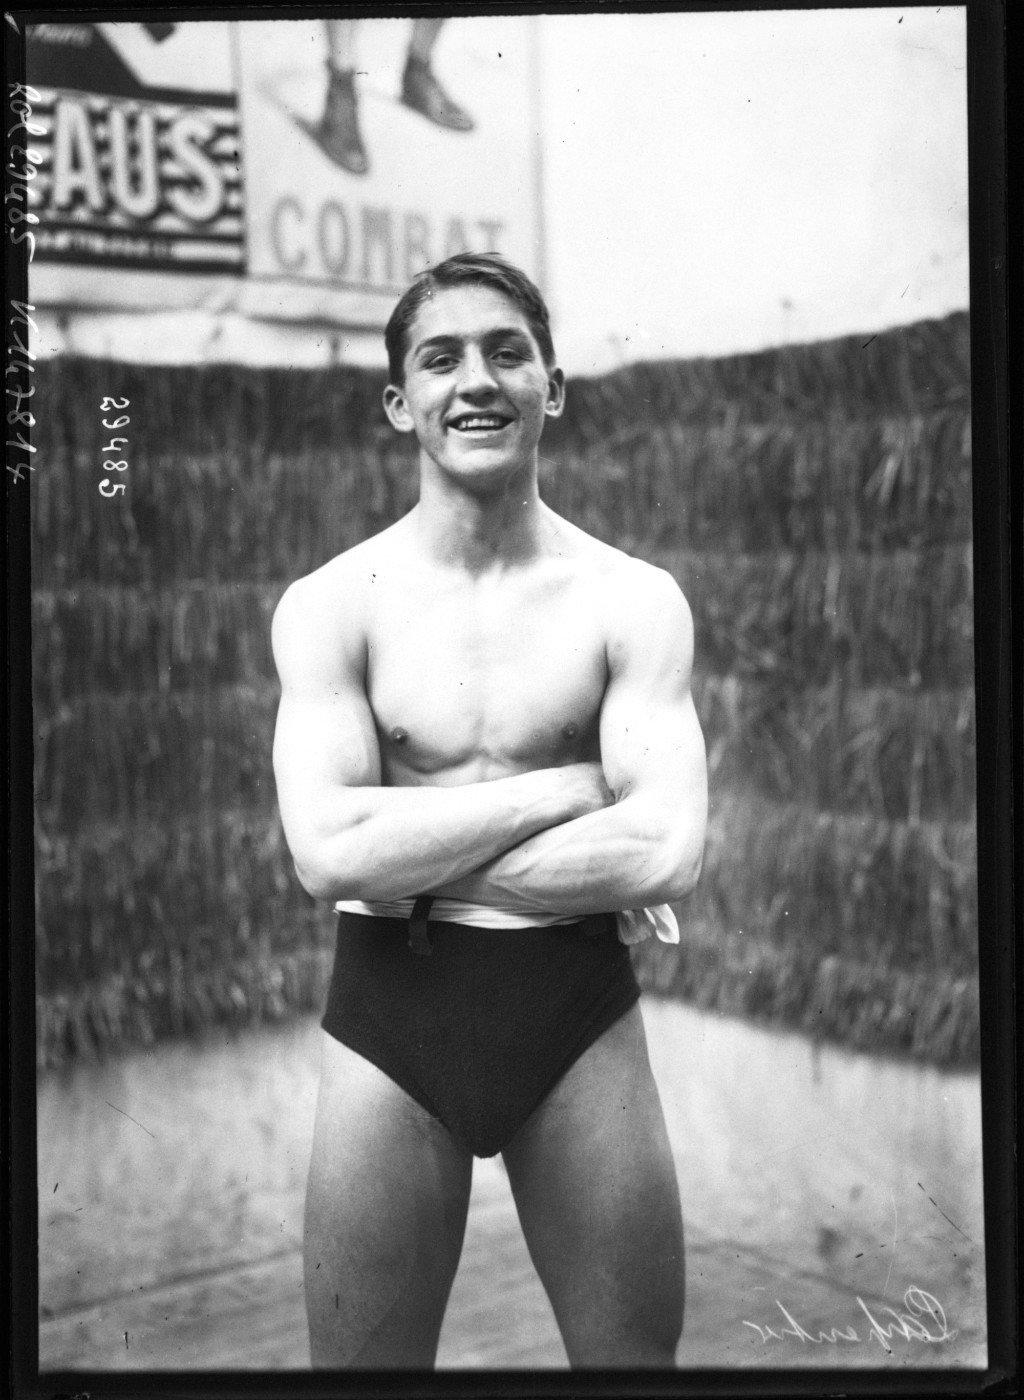 Carpentier [portrait du boxeur], Agence Rol. Agence photographique 1913, Bibliothèque Nationale de France, Public Domain Mark